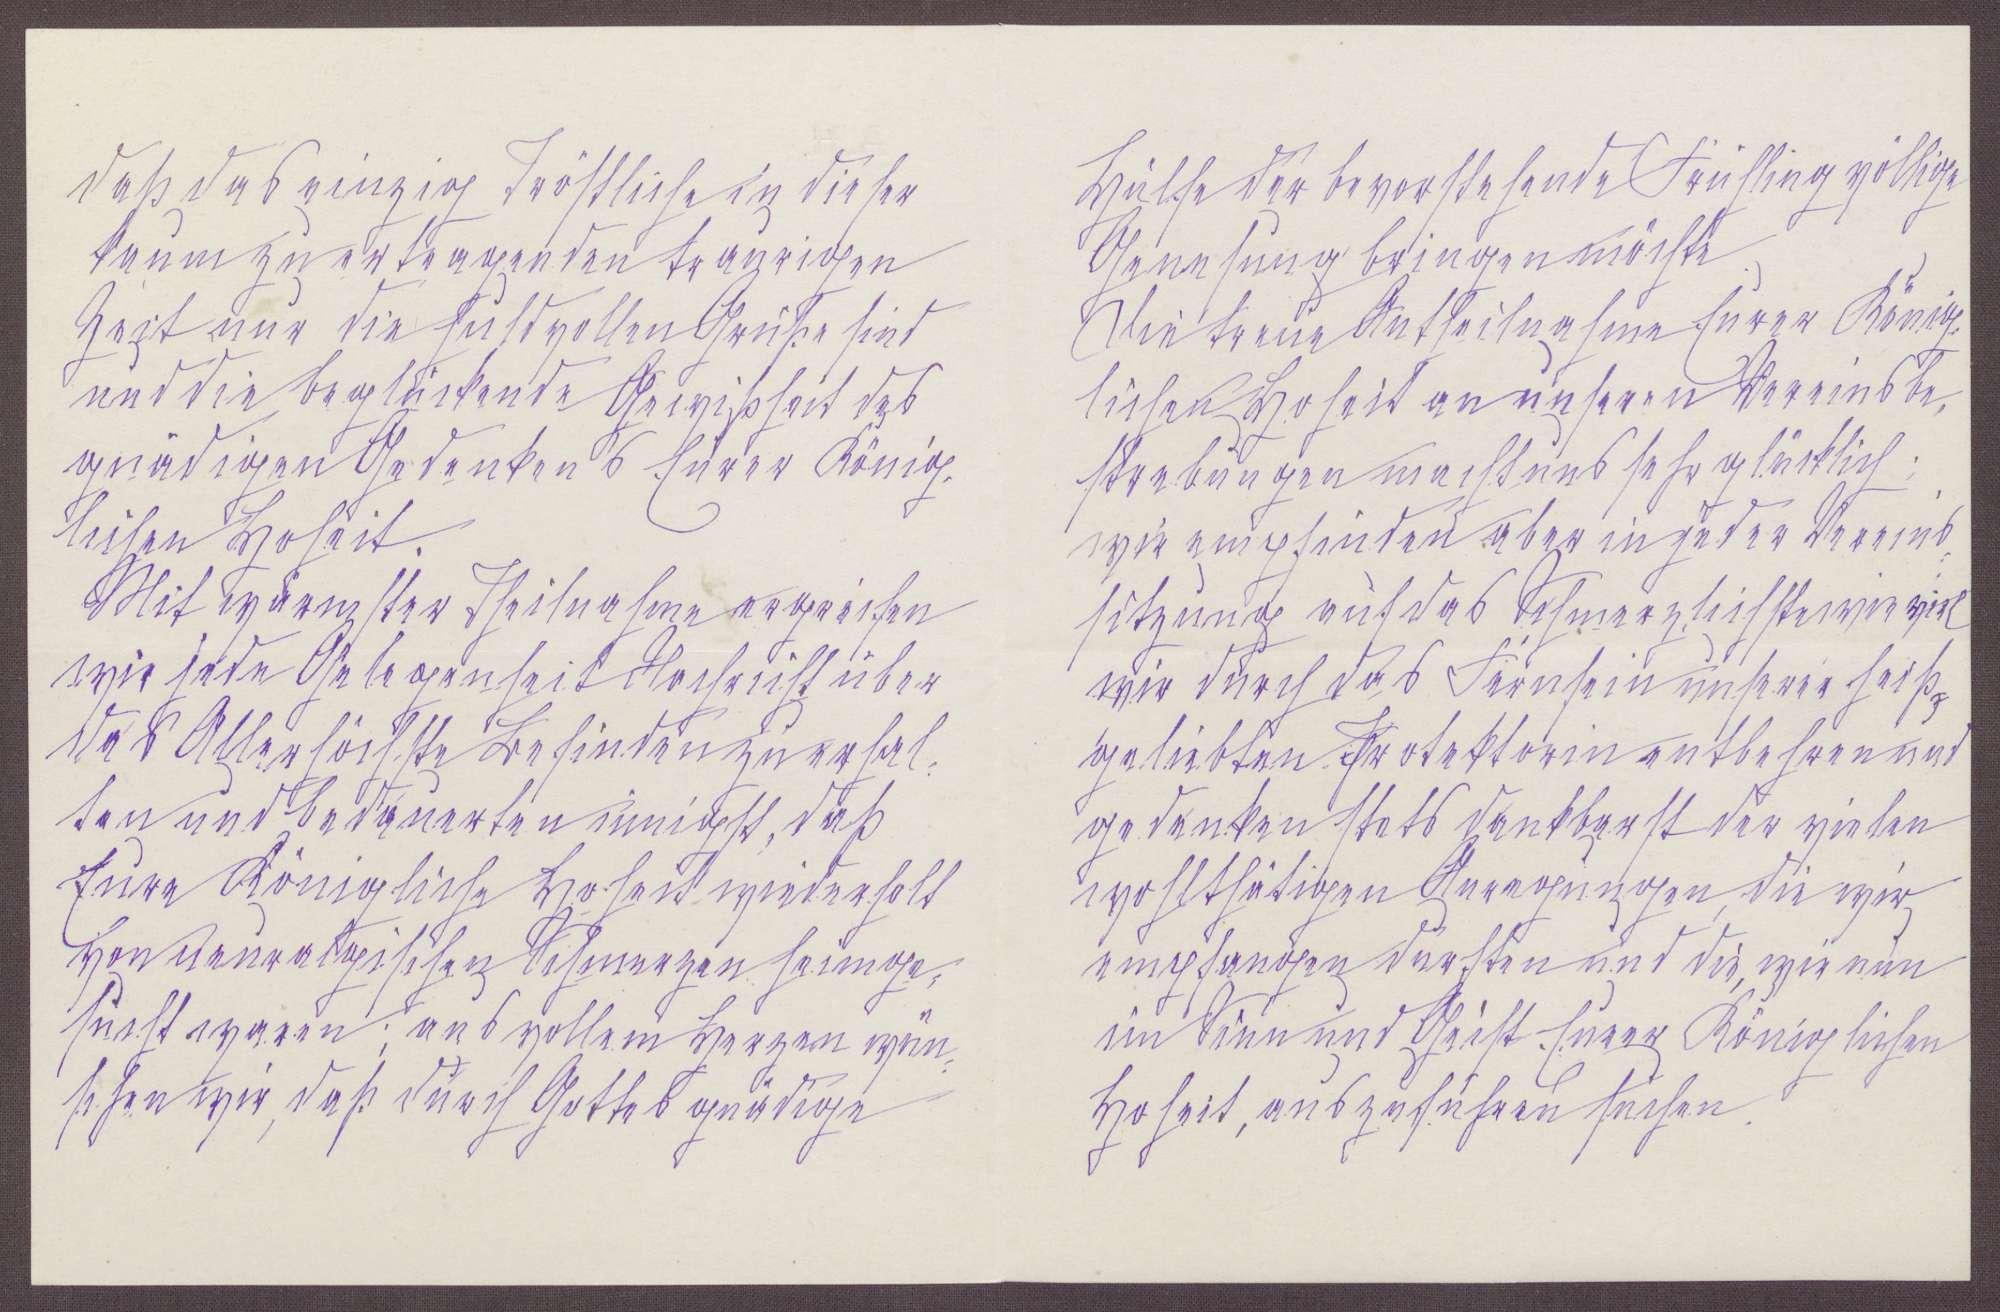 Schreiben von Anna Haas an die Großherzogin Luise; Dank für die Protektion und Anteilnahme der Großherzogin; Umzug der Volksküche in den alten Bahnhof und Berichte aus den Vereinssitzungen, Bild 2